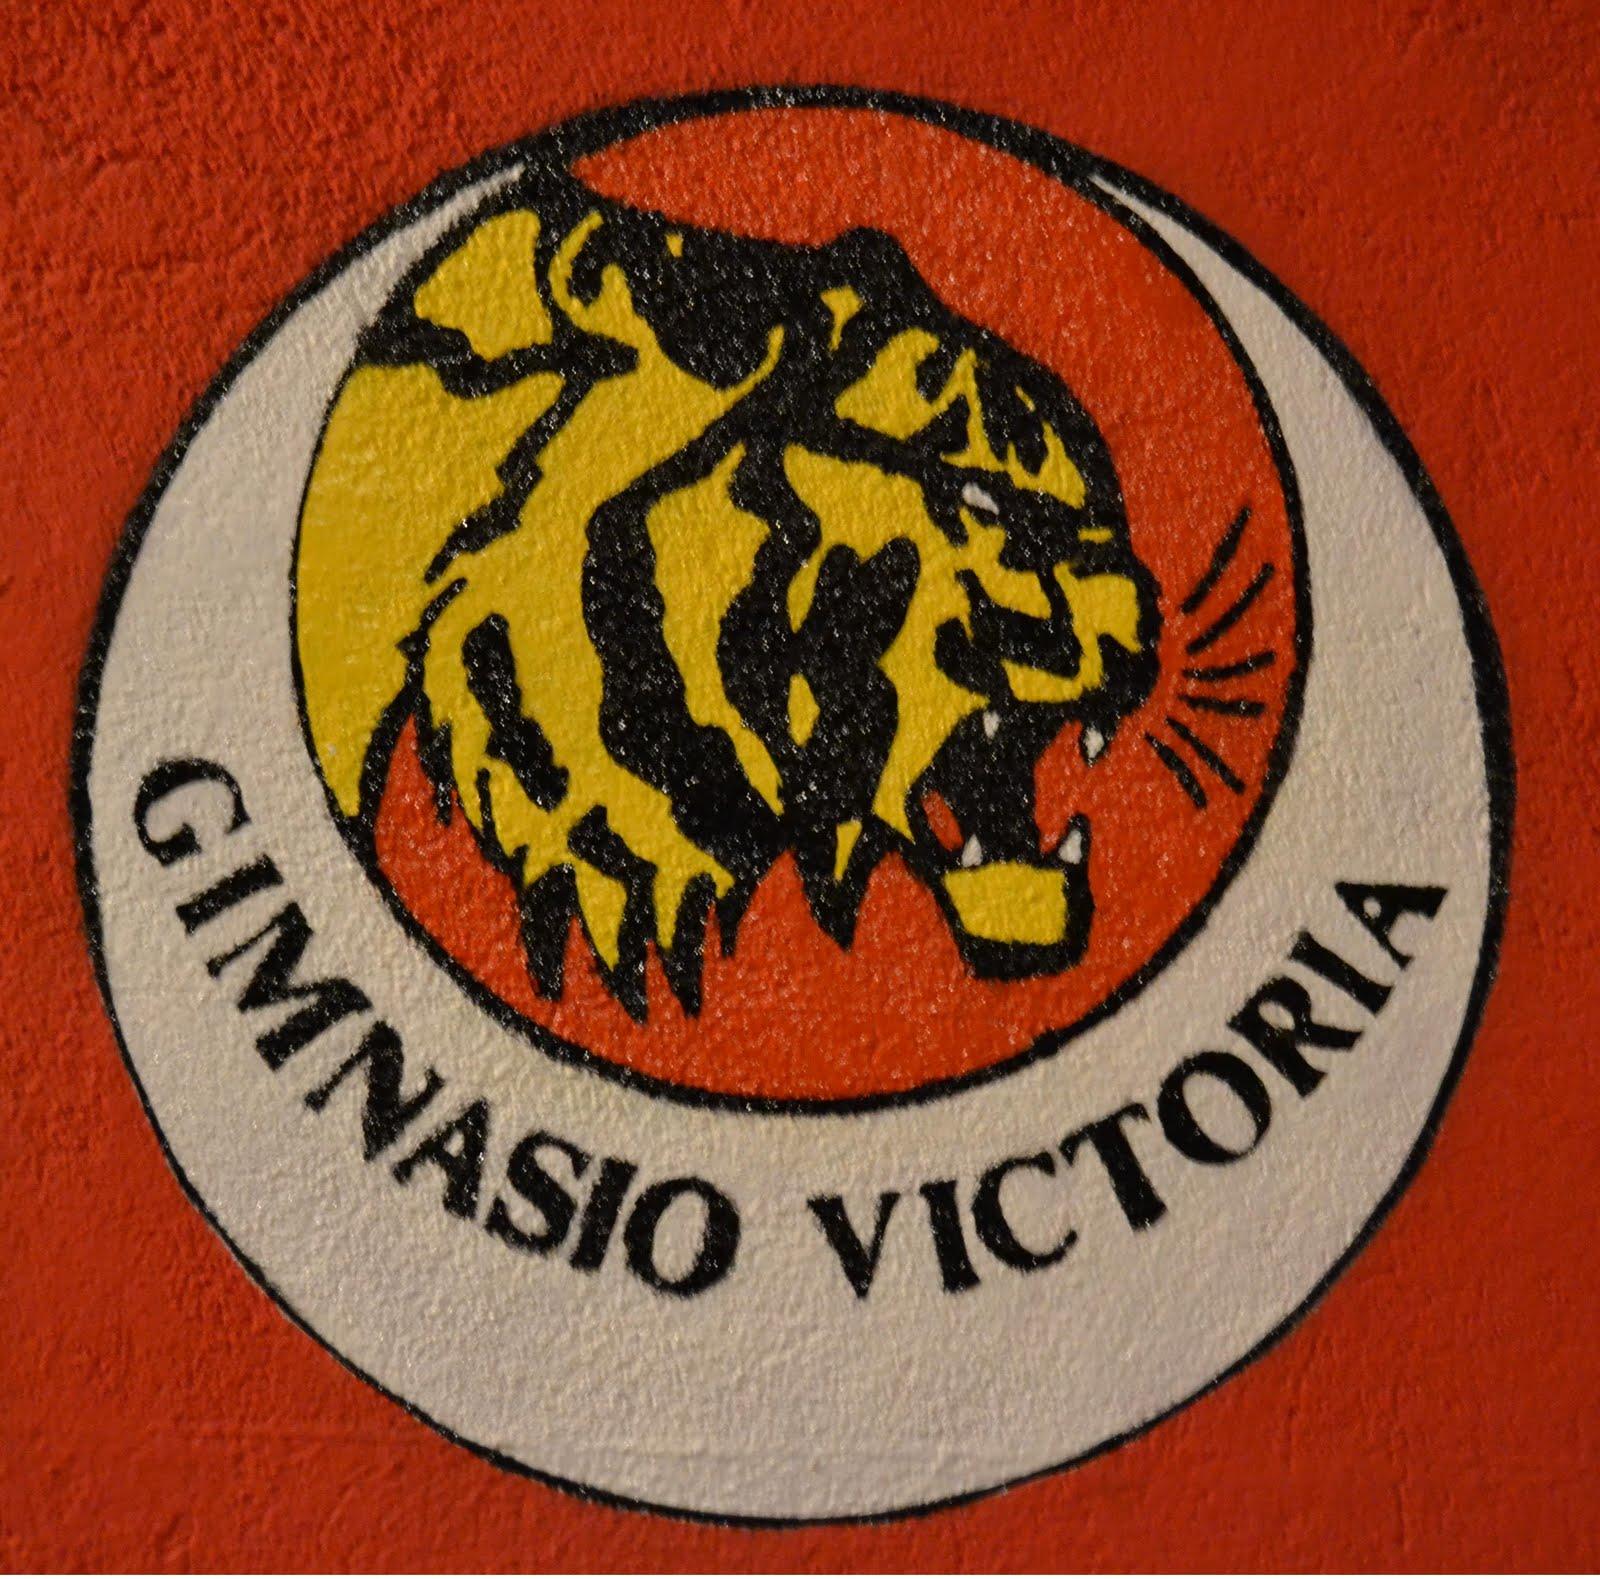 Jittsu club parla gimnasio victoria 2012 for Gimnasio victoria